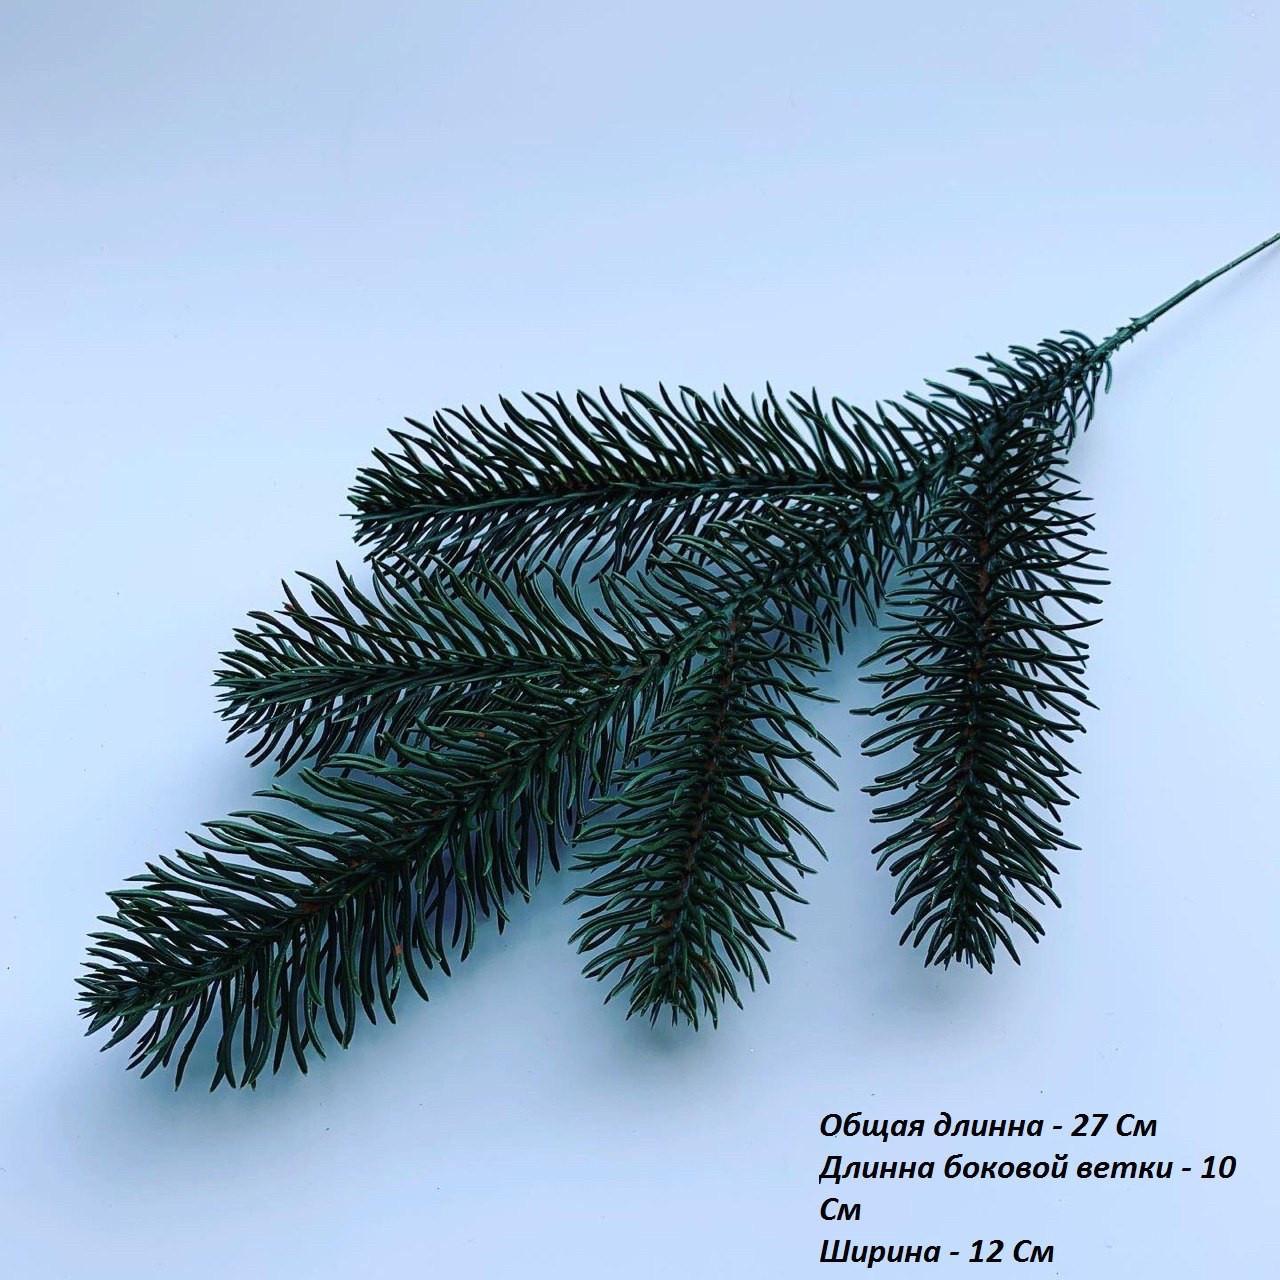 Искусственная хвоя.Веточка искусственной ,зелёной ели пятерка (30 см)